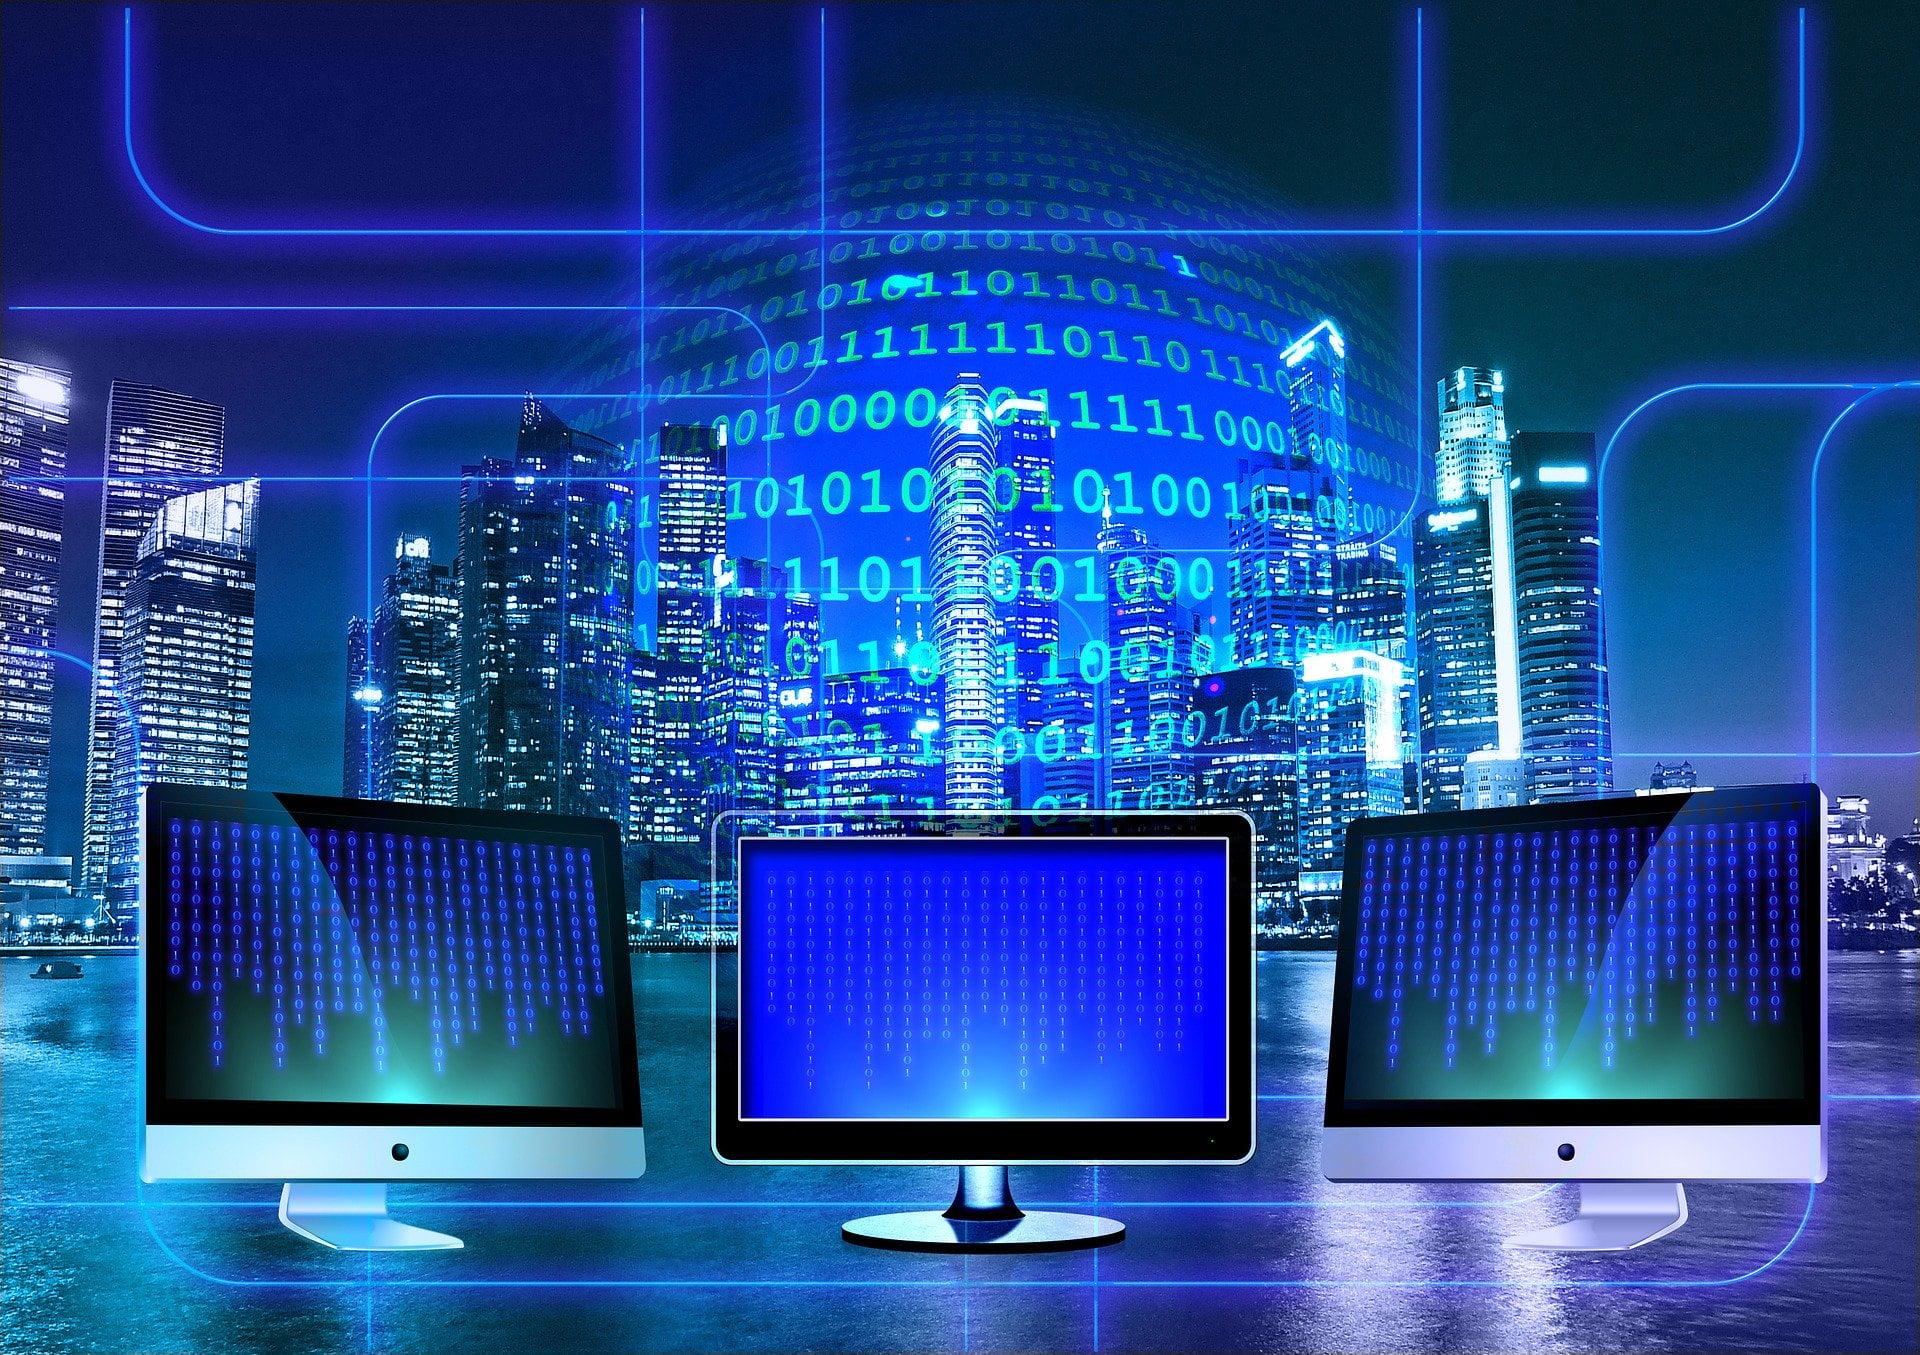 Ulga internetowa 2019/2020 – jakich wydatków nie odliczysz?